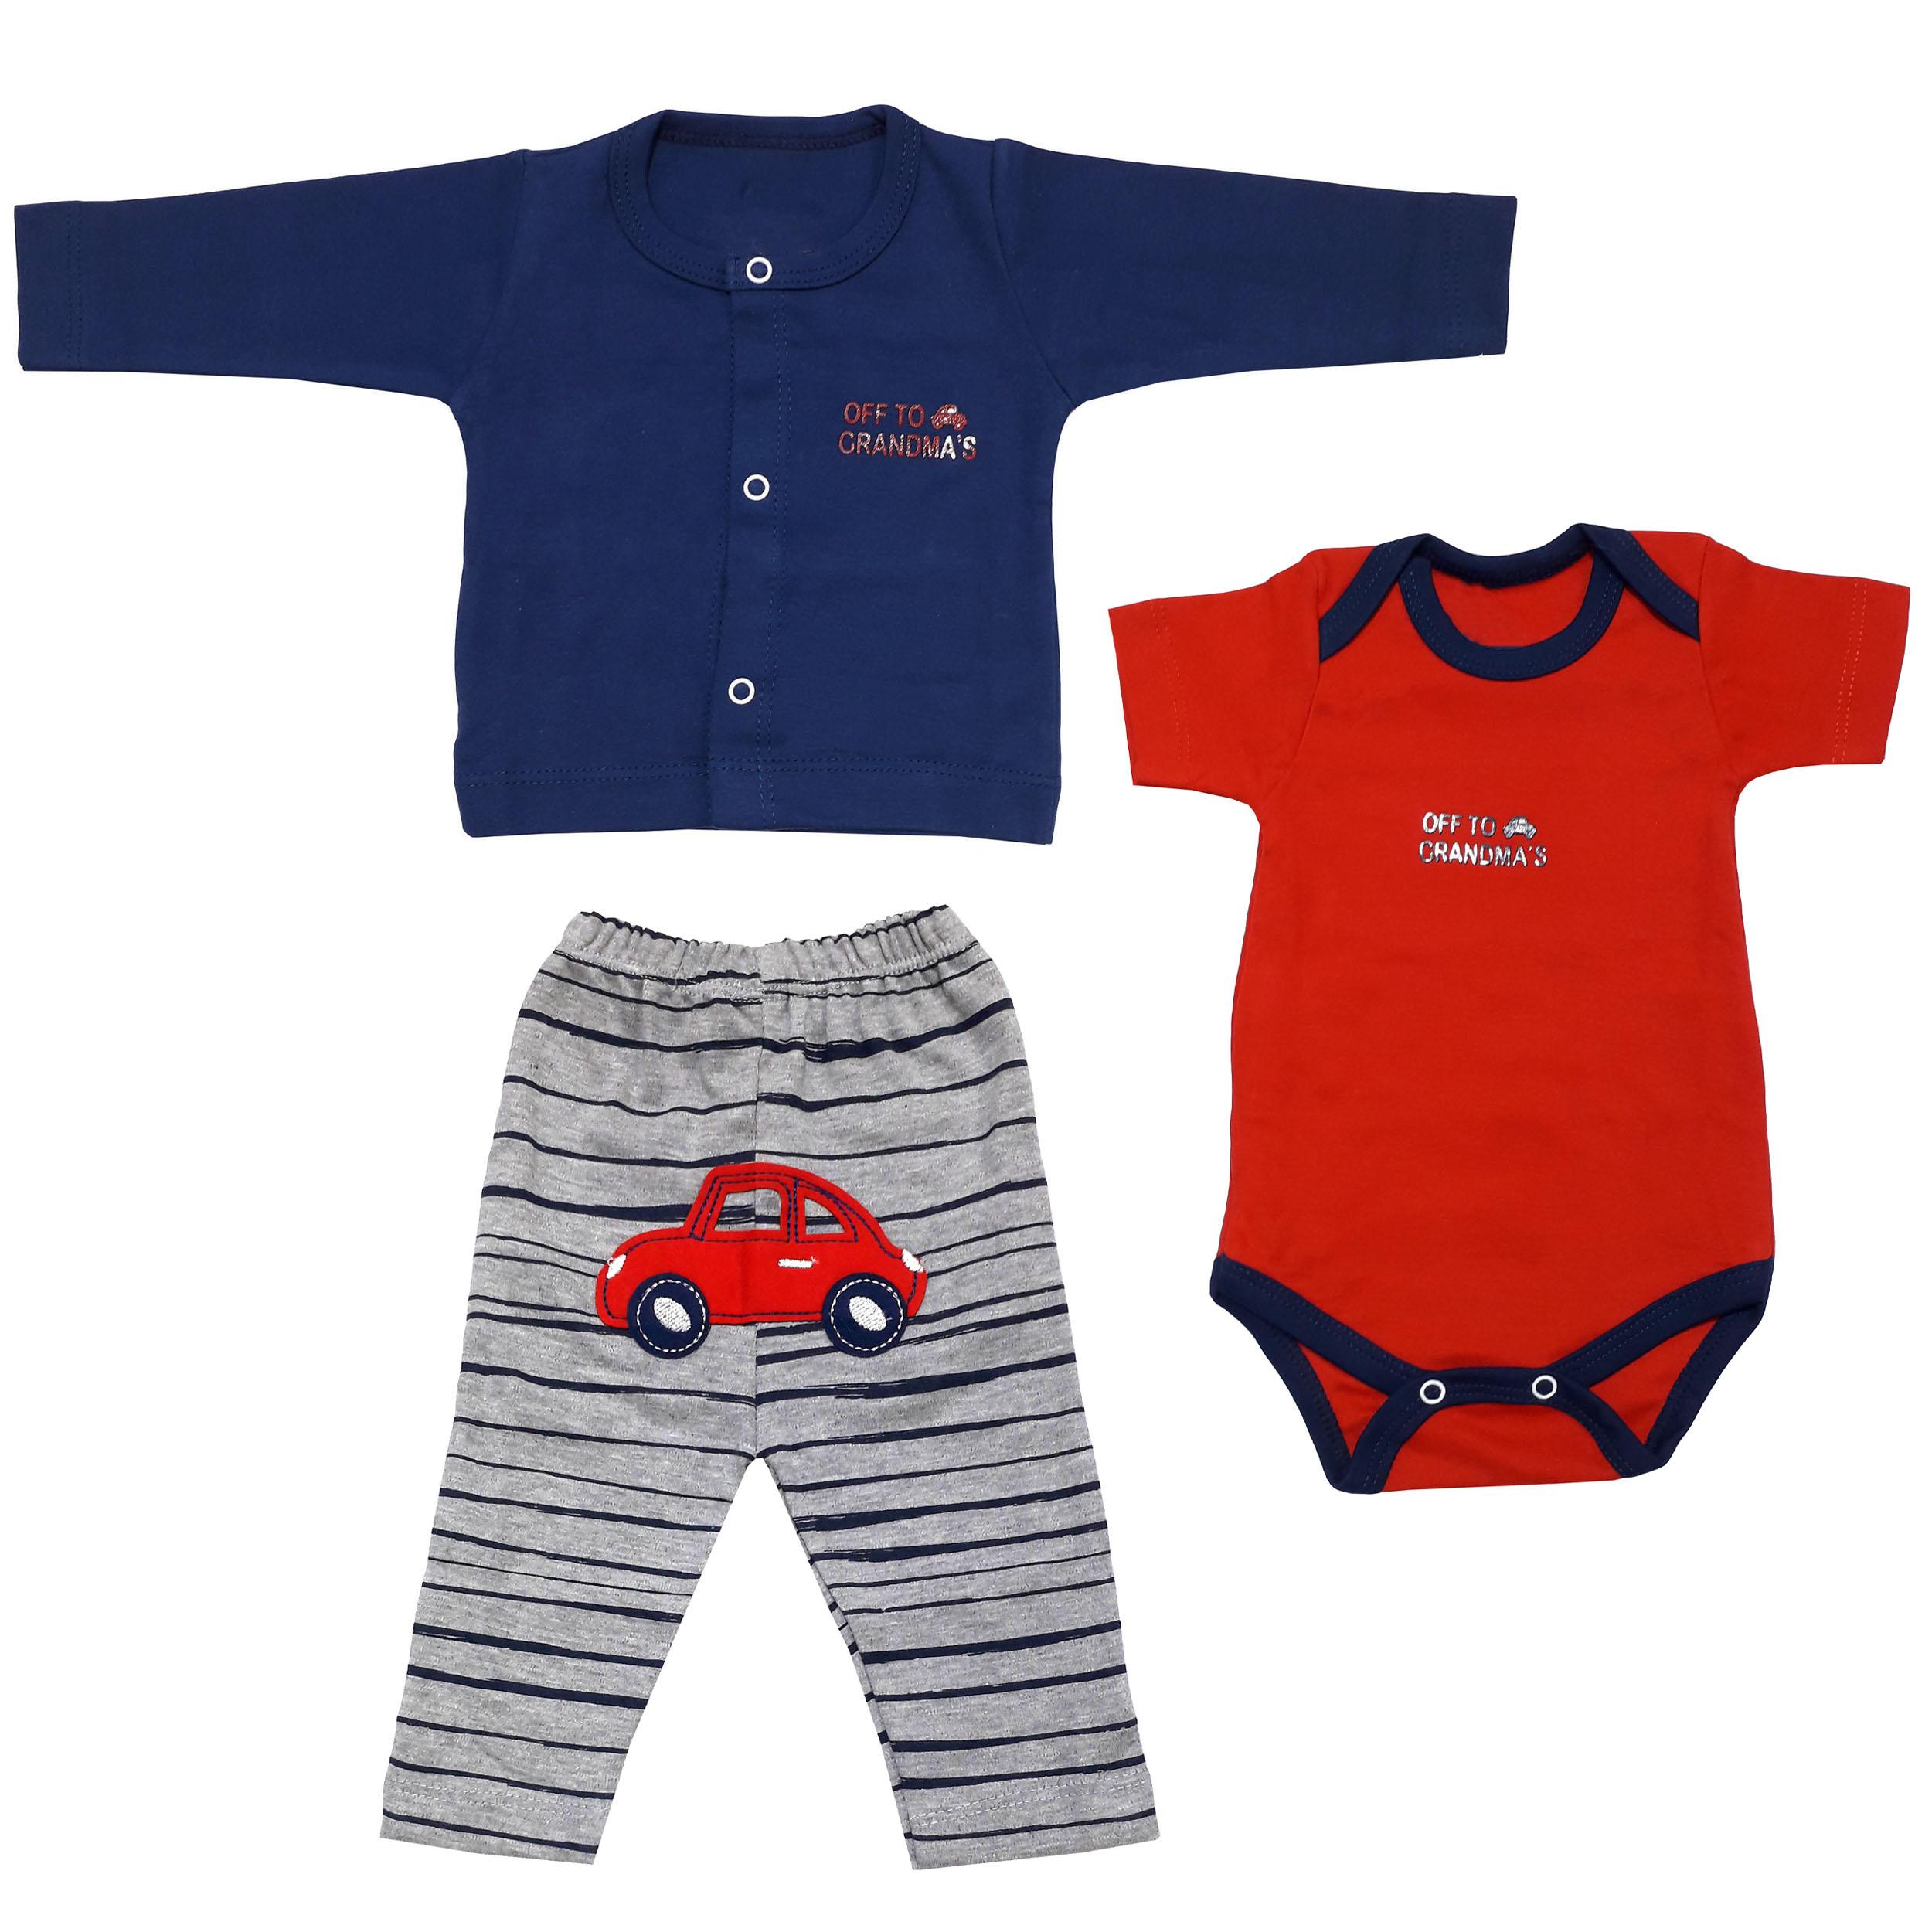 ست 3 تکه لباس نوزادی پسرانه مدل ماشین کد 3311